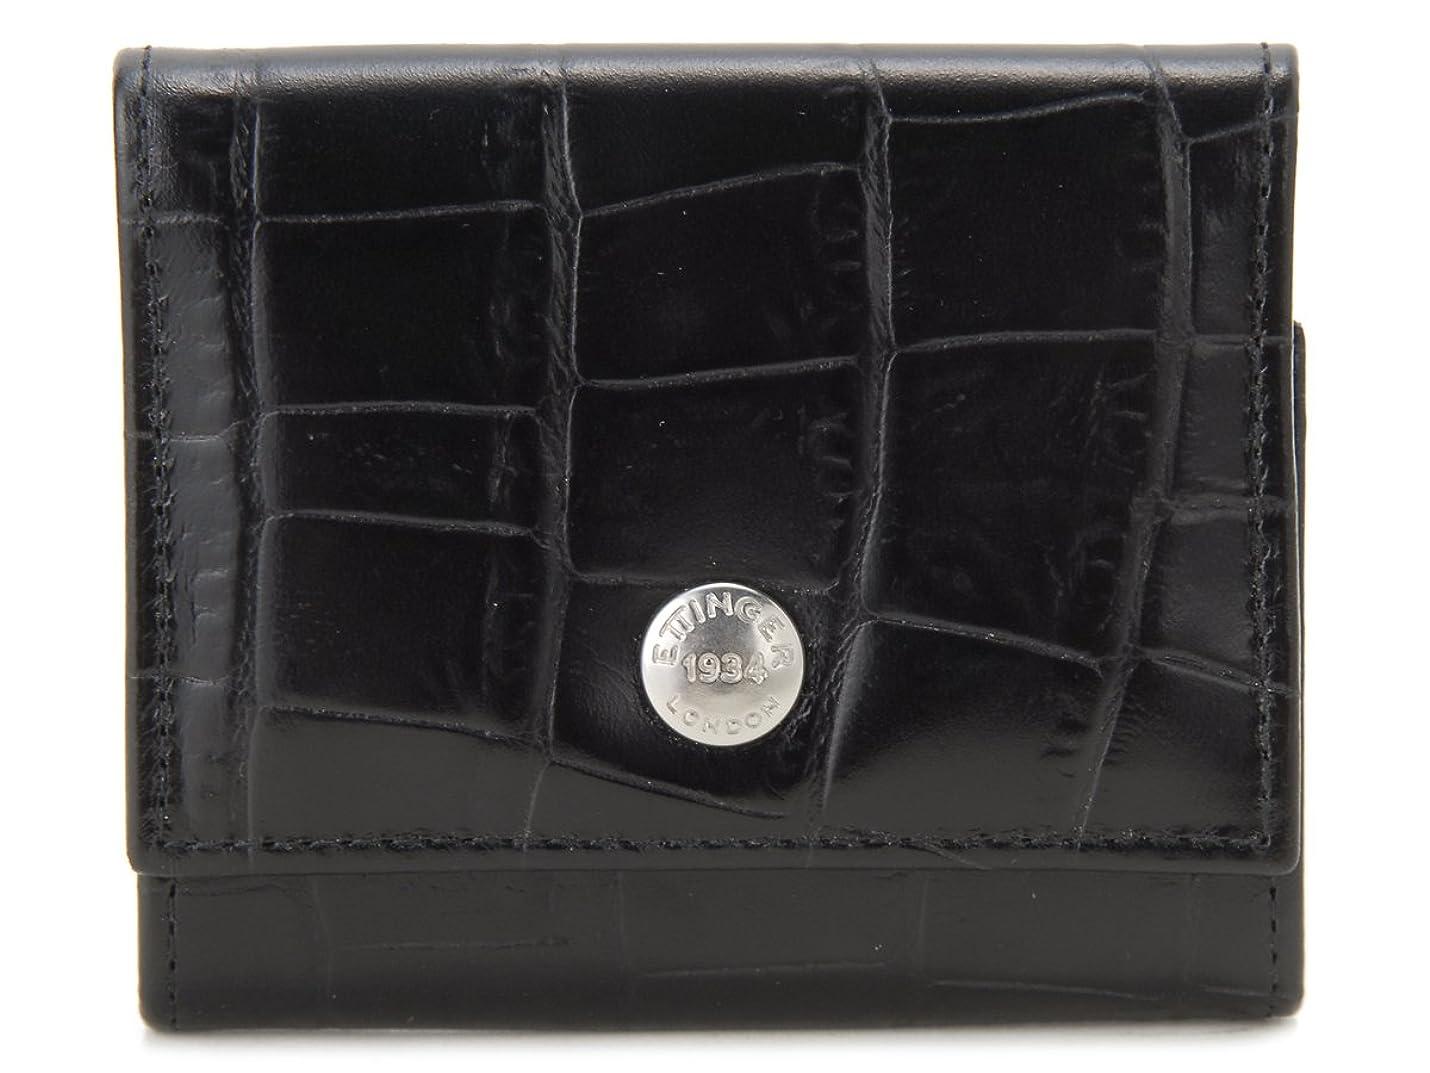 事件、出来事軍非効率的なエッティンガー コインケース 小銭入れ CC145JR-EBONY ブラック メンズ ETTINGER (並行輸入品)